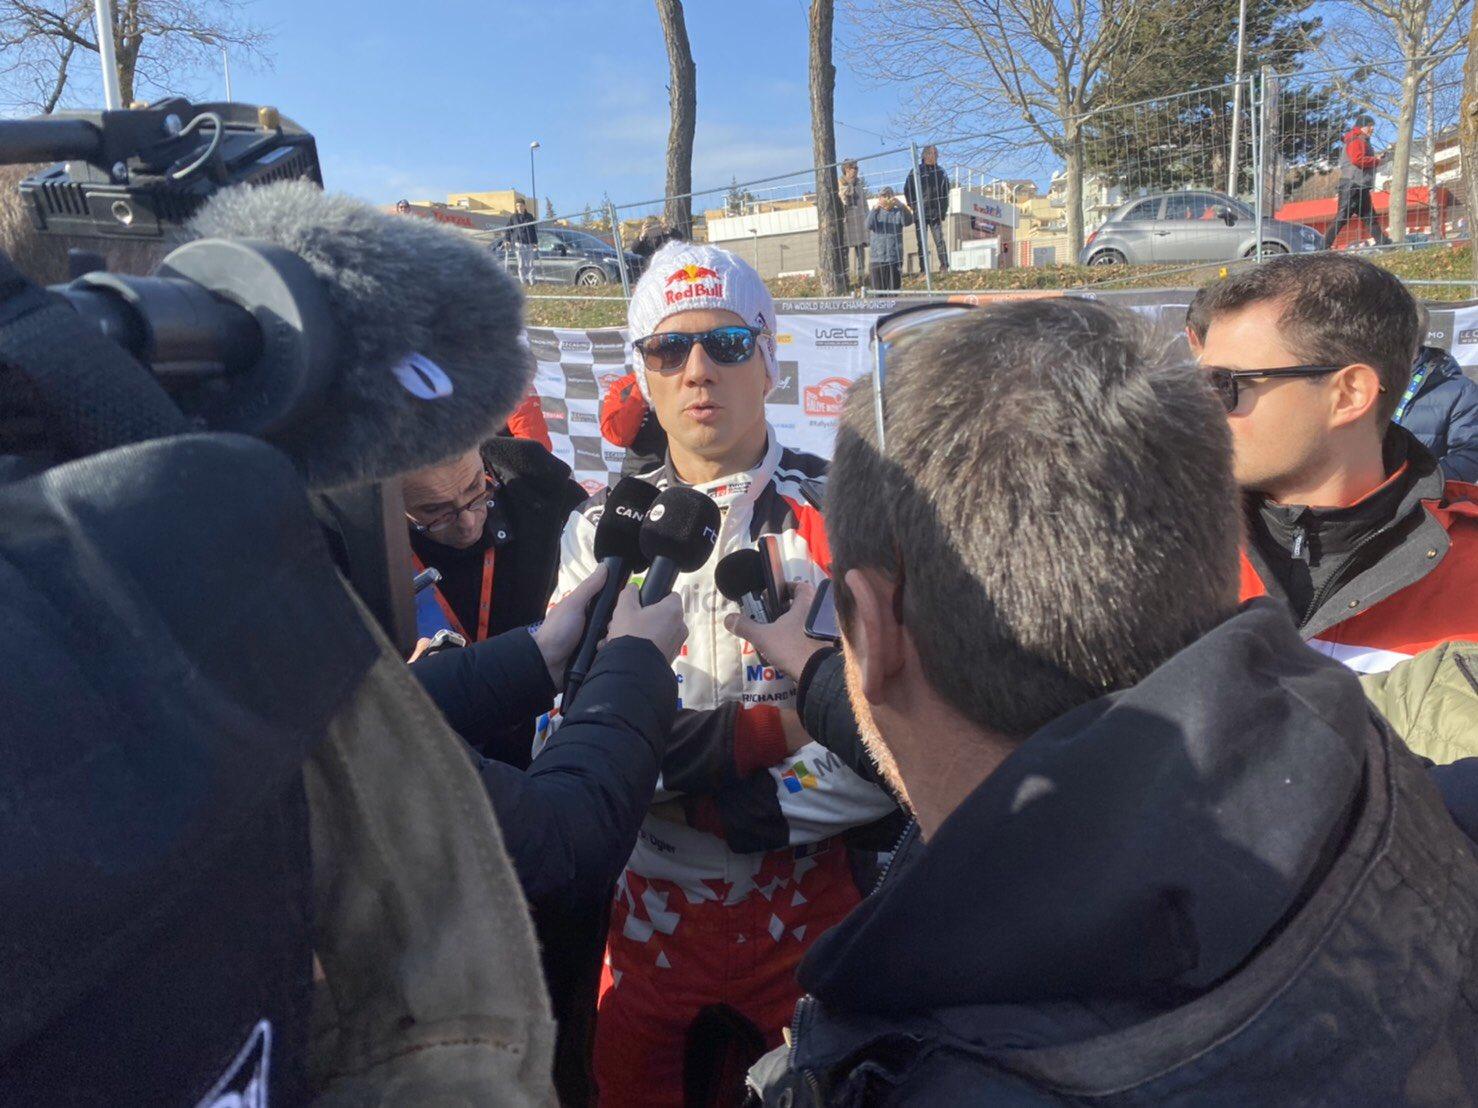 WRC: 88º Rallye Automobile de Monte-Carlo [20-26 de Enero] - Página 11 EPH-8bdUUAEHilm?format=jpg&name=large